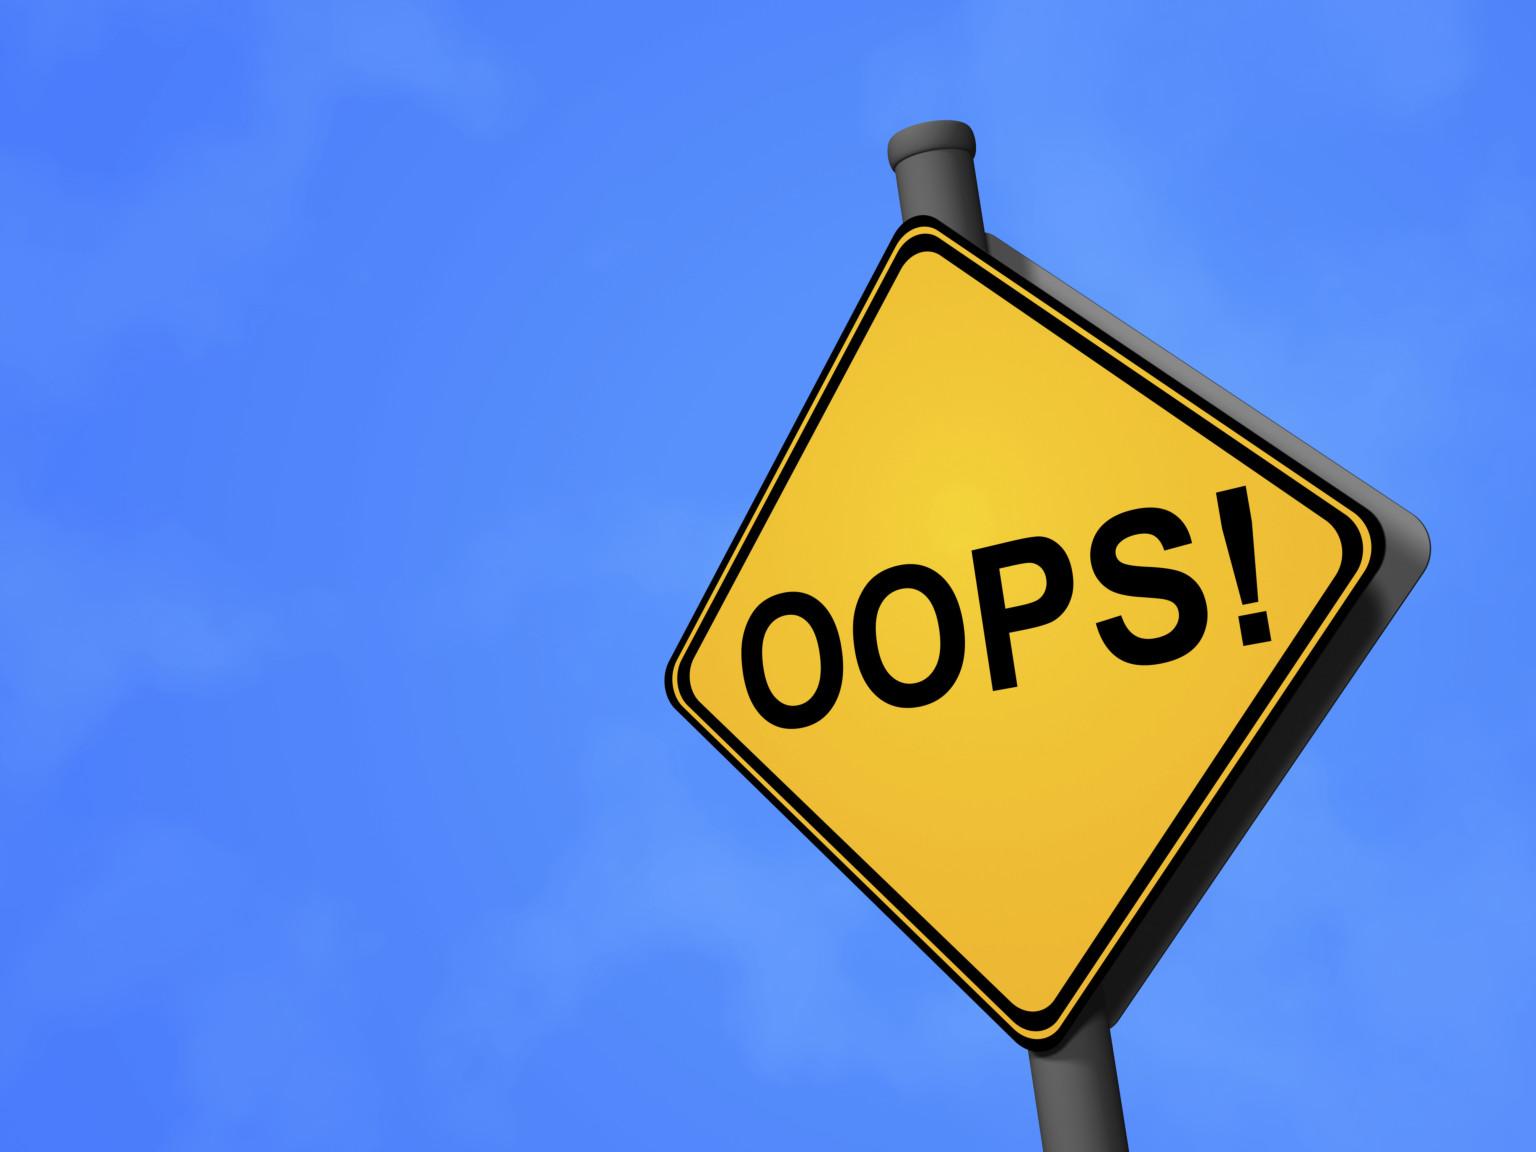 Повна хата компромату, або Як запхати у вушко голки скирту сіна. Моніторинг журналістських телерозслідувань, 27 листопада – 3 грудня 2017 року